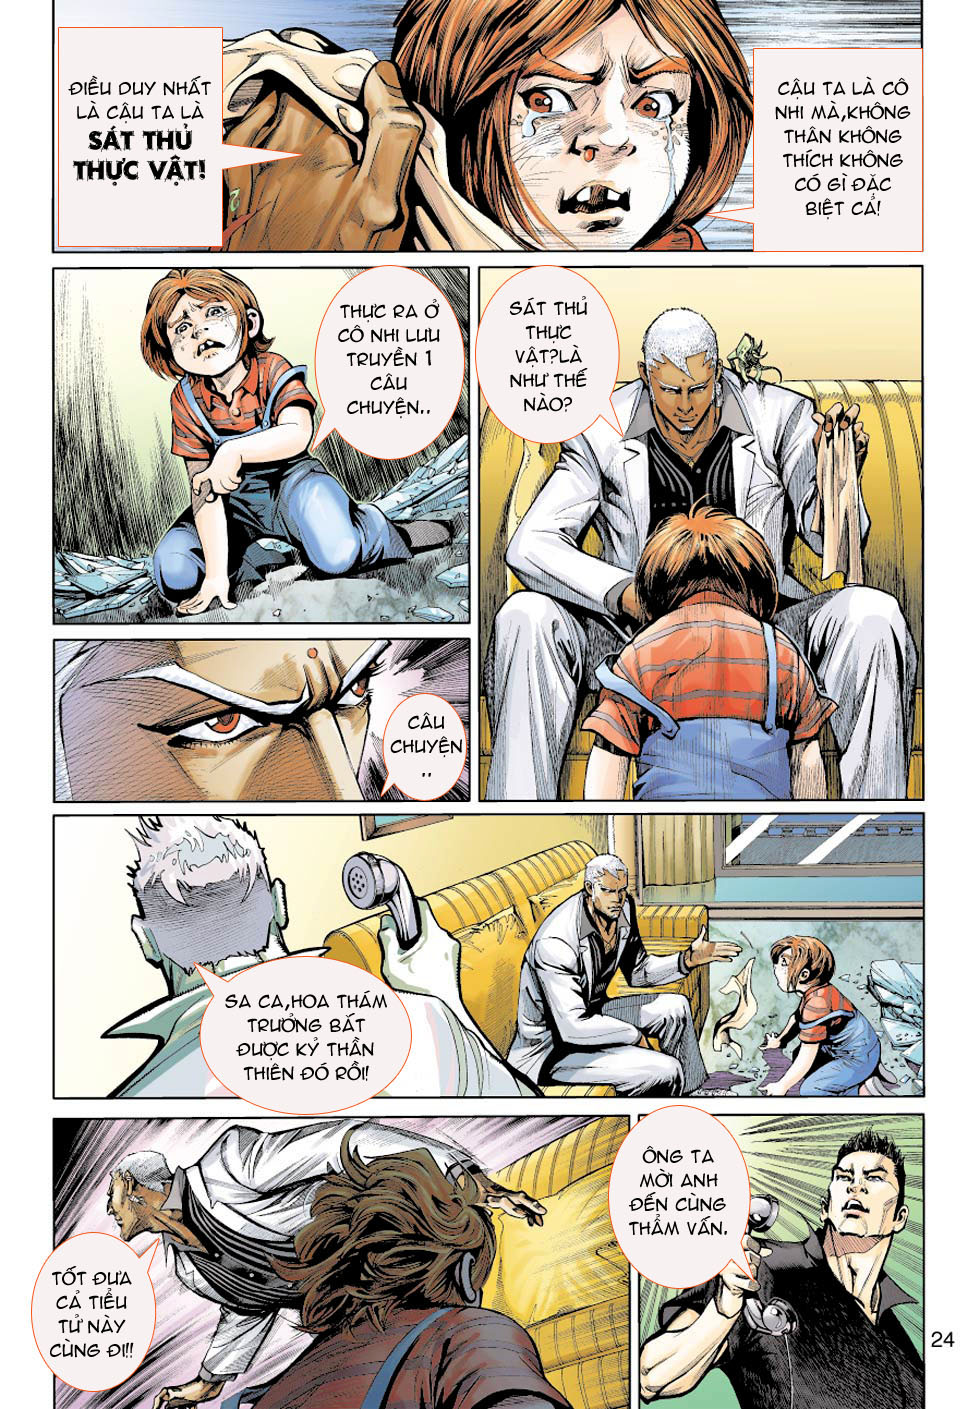 Thần Binh 4 chap 5 - Trang 24